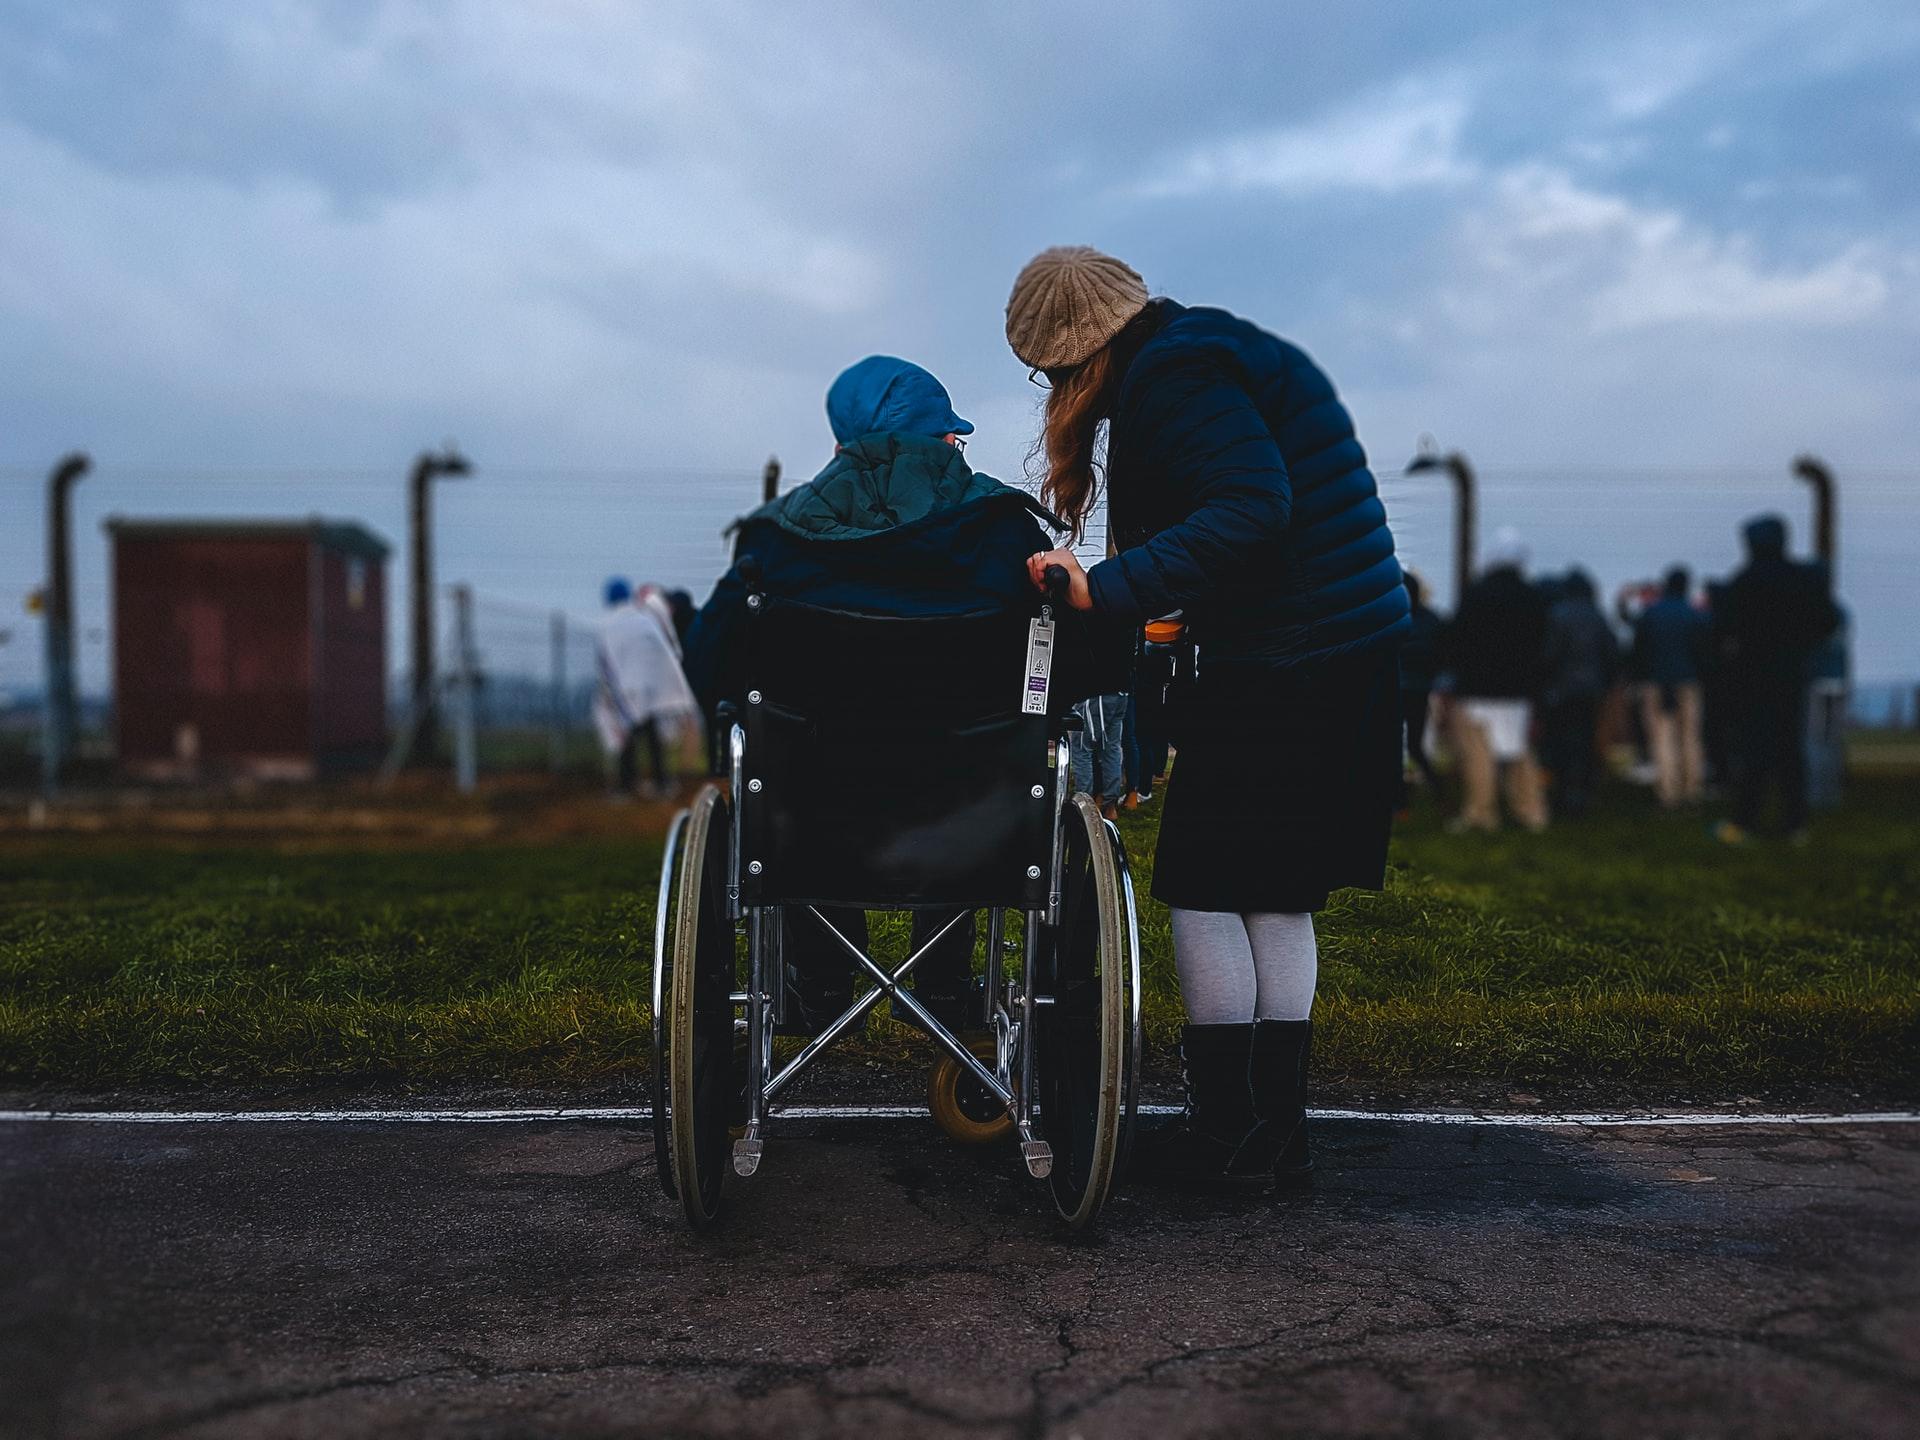 aide d'un handicapé